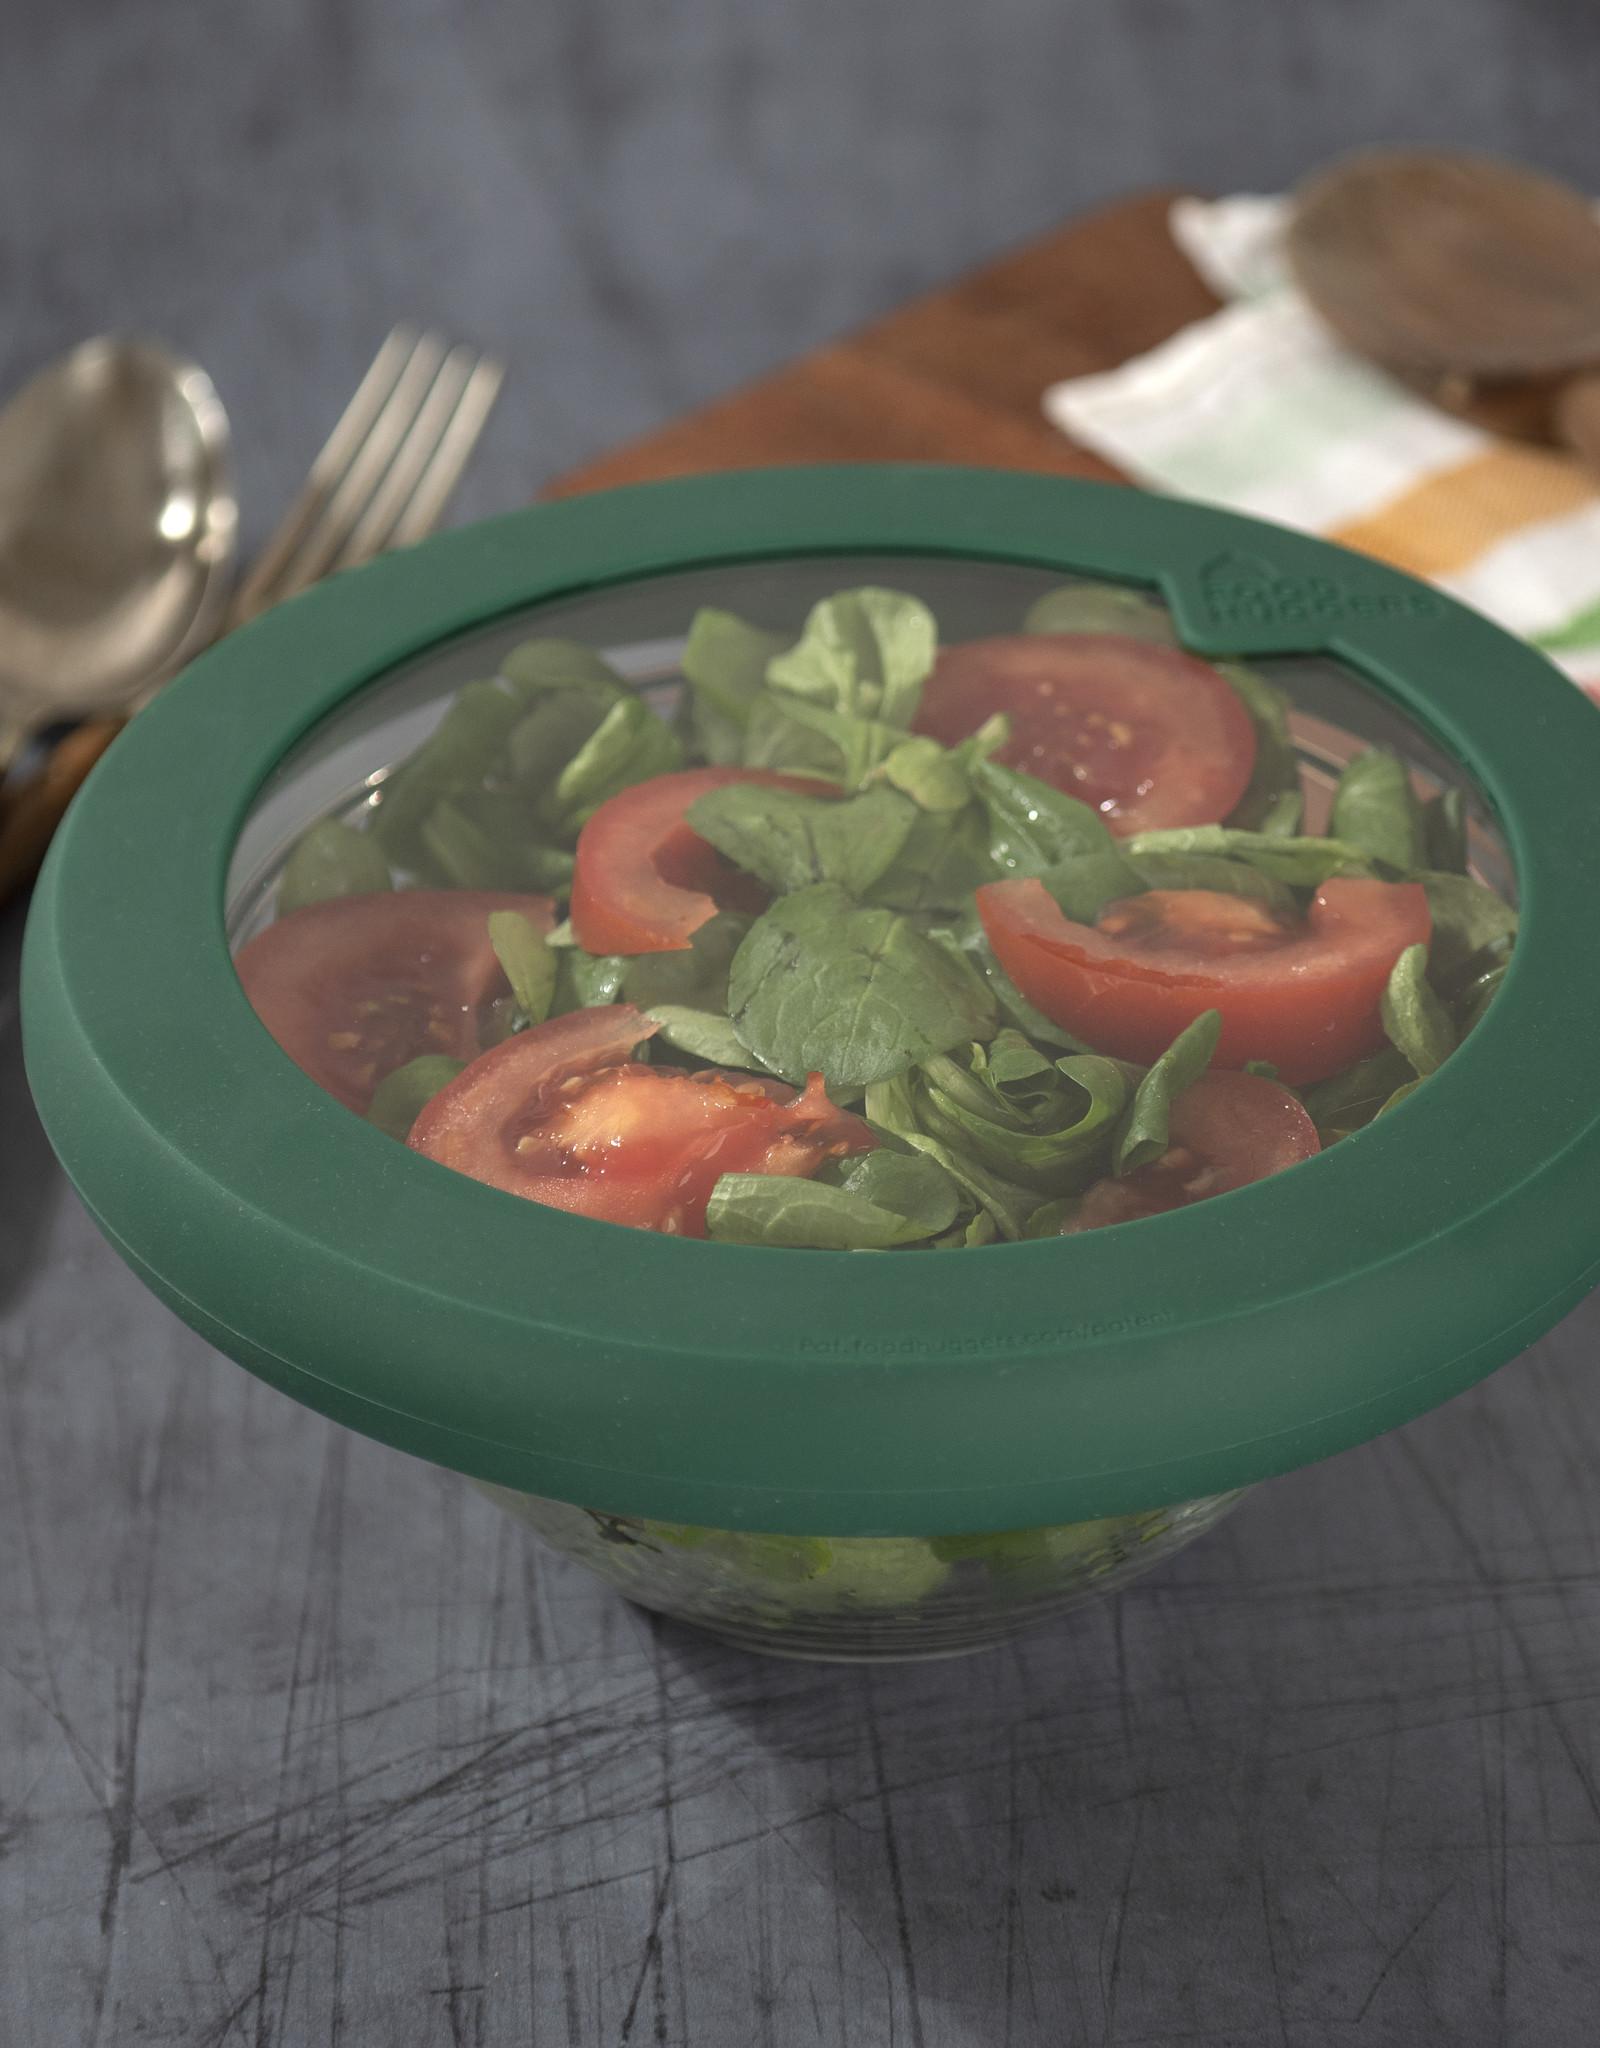 Food Huggers Food Hugger lid